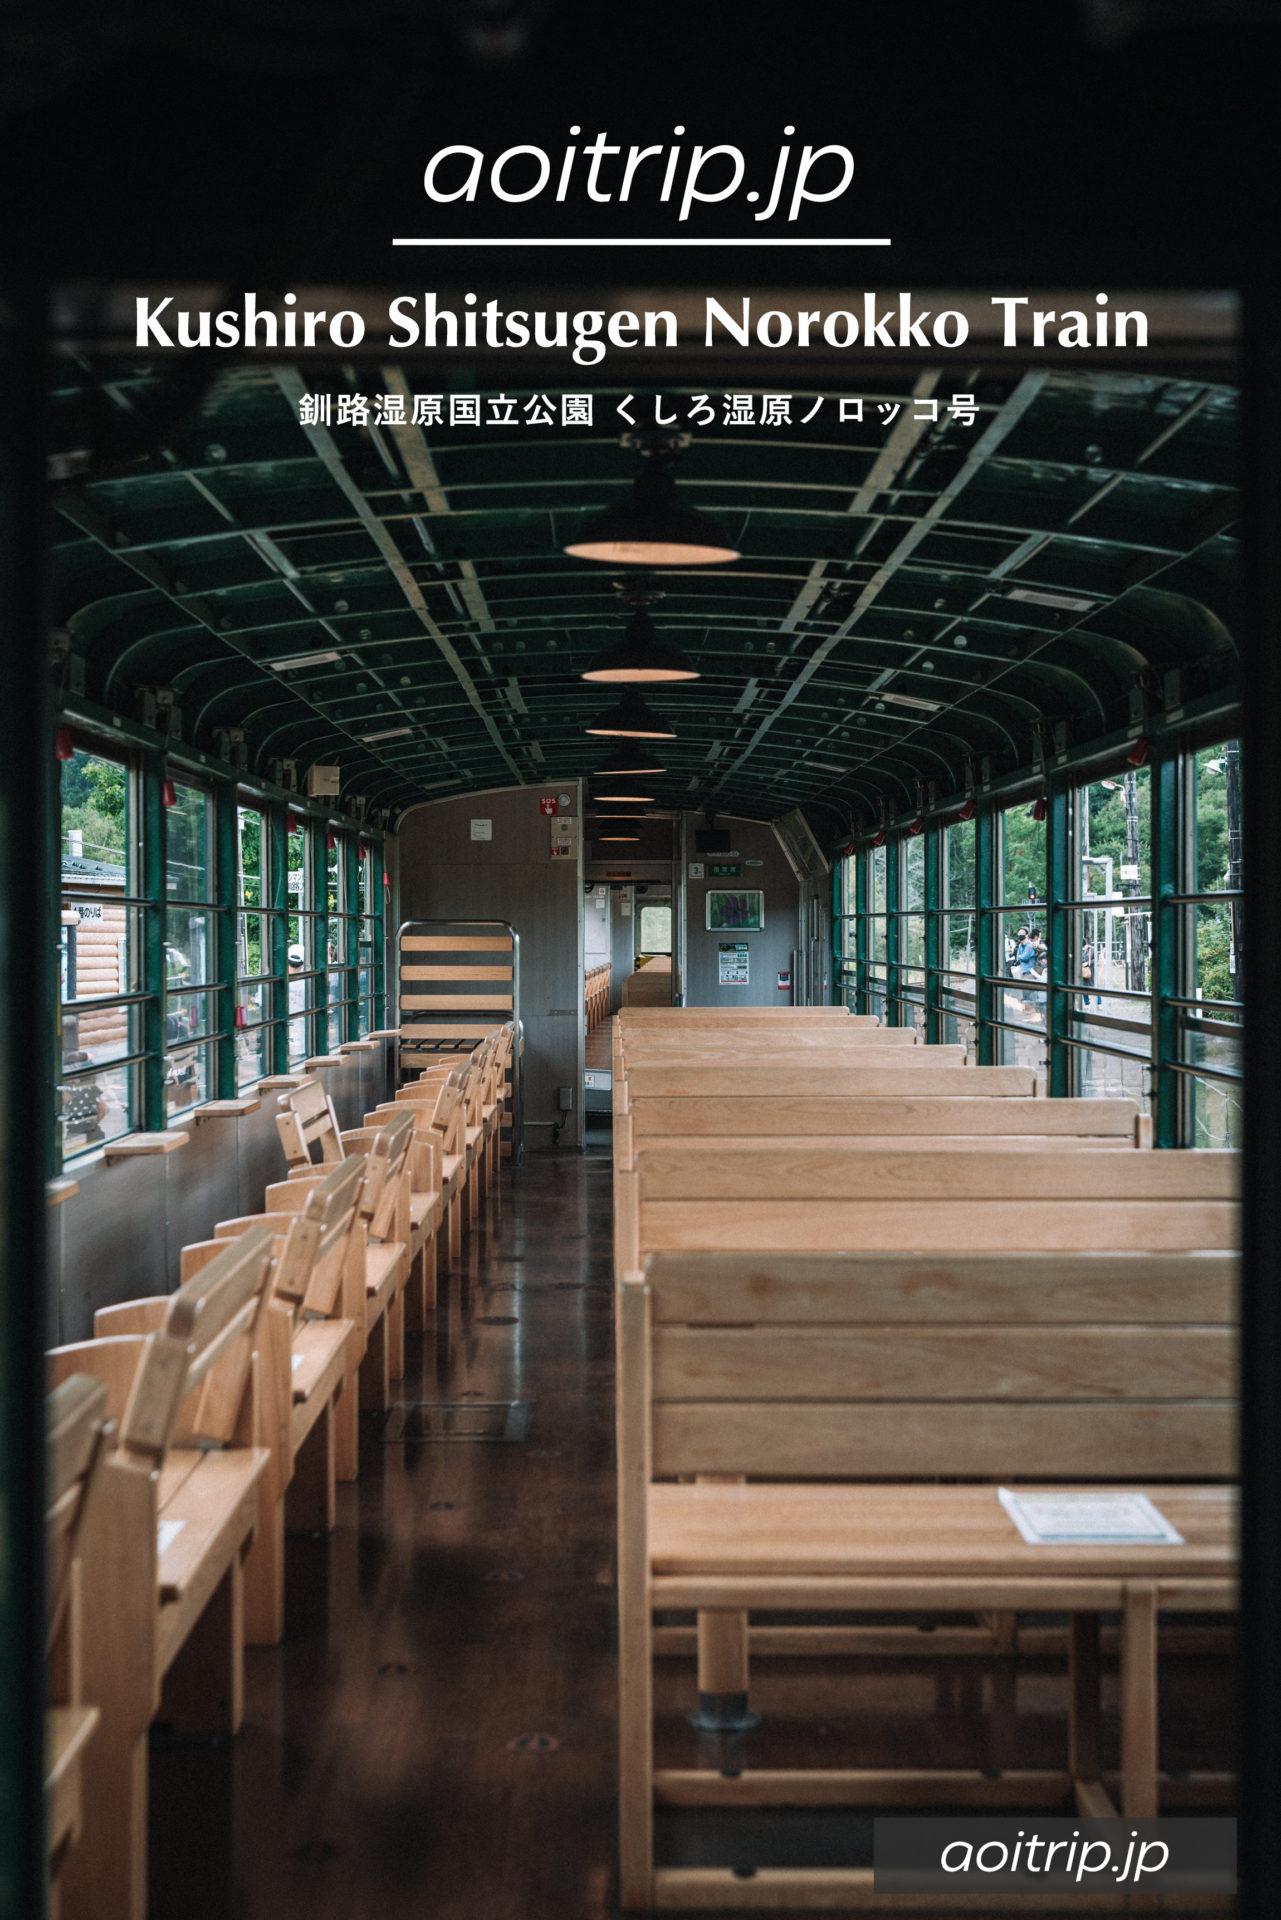 釧路湿原を走る「くしろ湿原ノロッコ号」乗車記|Kushiro Shitsugen Norokko Train